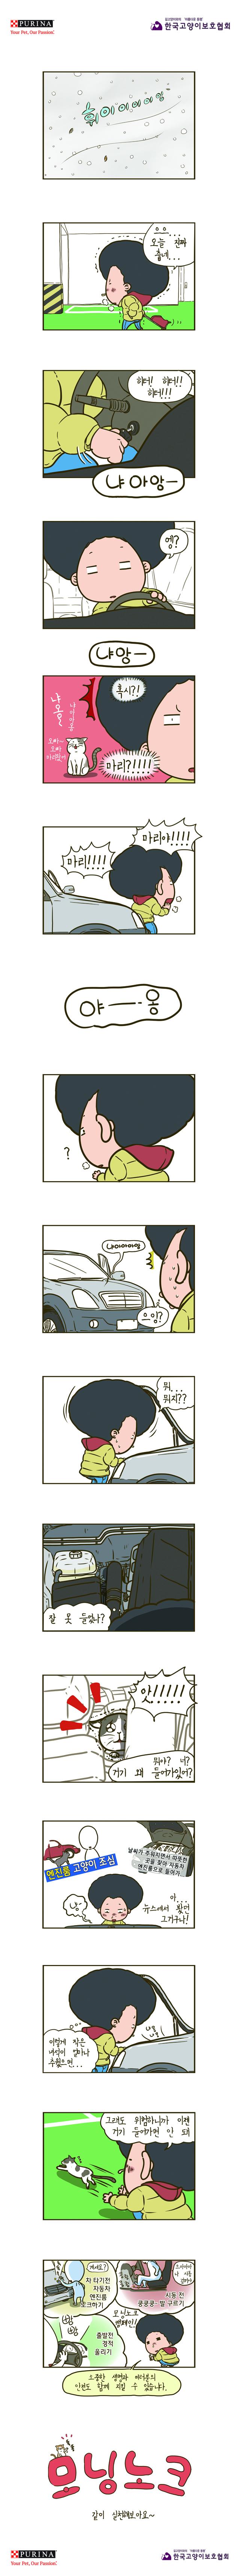 2016모닝노크웹툰-백두부 작가640.jpg